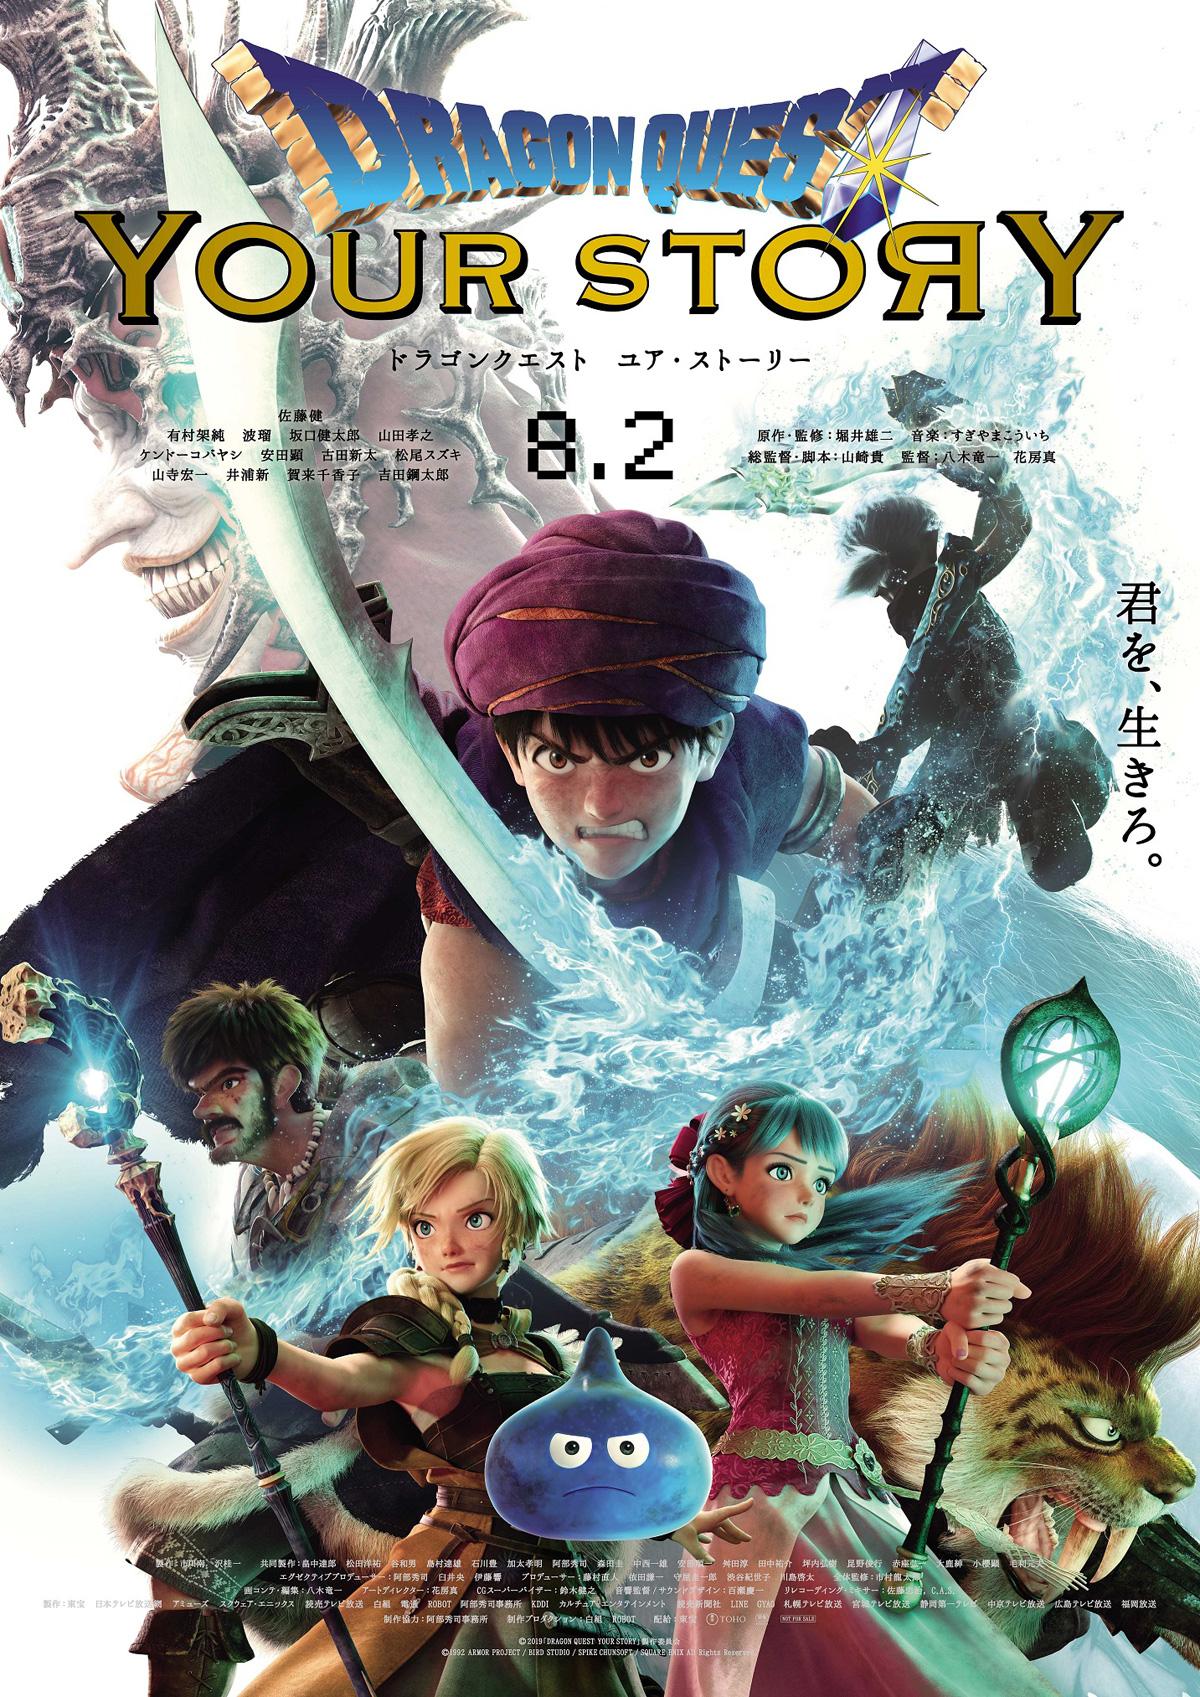 1 21 - 【速報】ドラゴンクエスト12、遂に鳥山明から卒業か 『ユア・ストーリー』みたいな絵柄になる可能性も